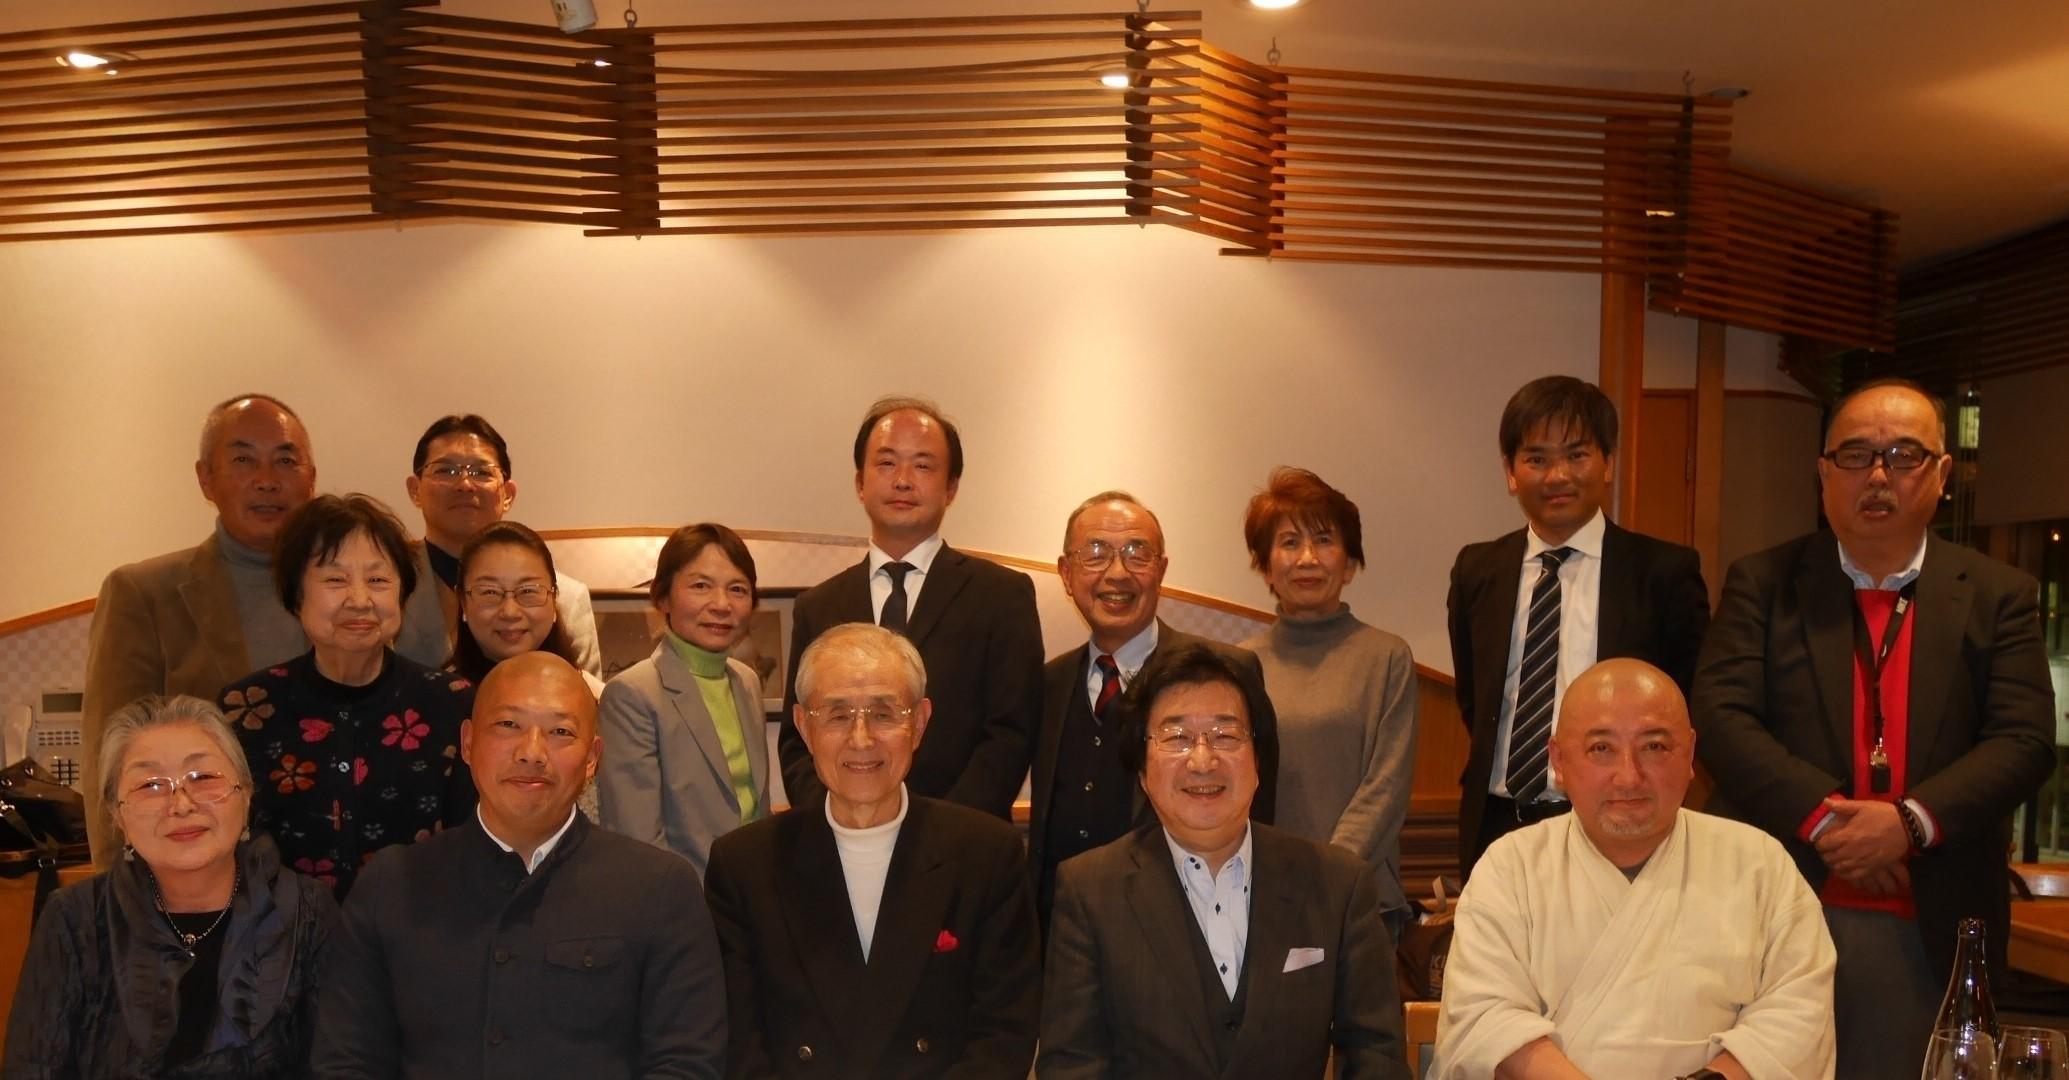 「鎌倉芸術祭」継続開催の基本方針決定2・12_c0014967_08384691.jpg